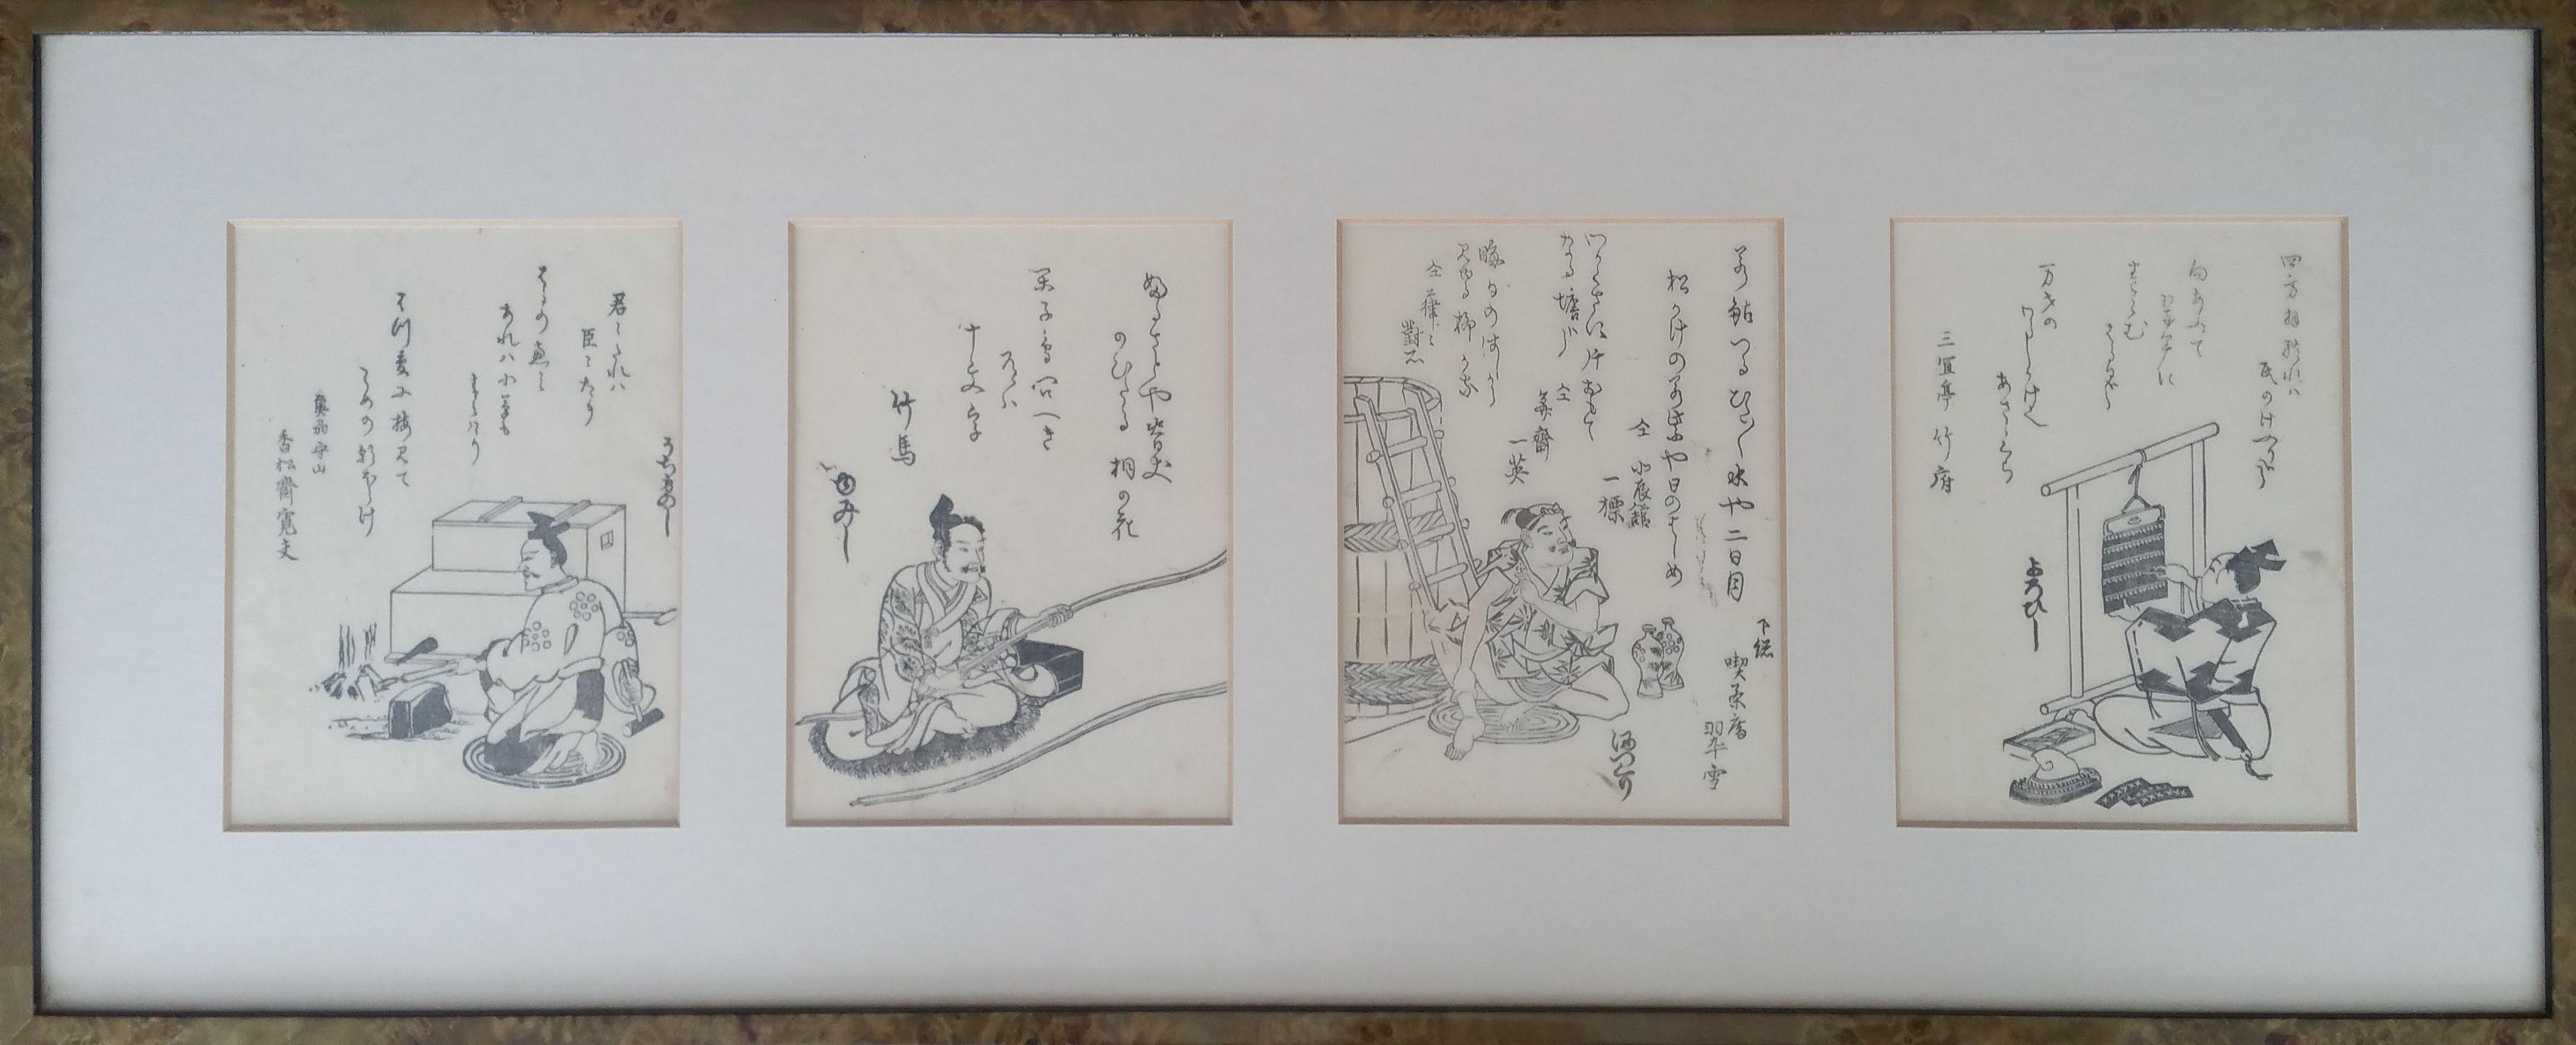 Four Japanese prints framed together.